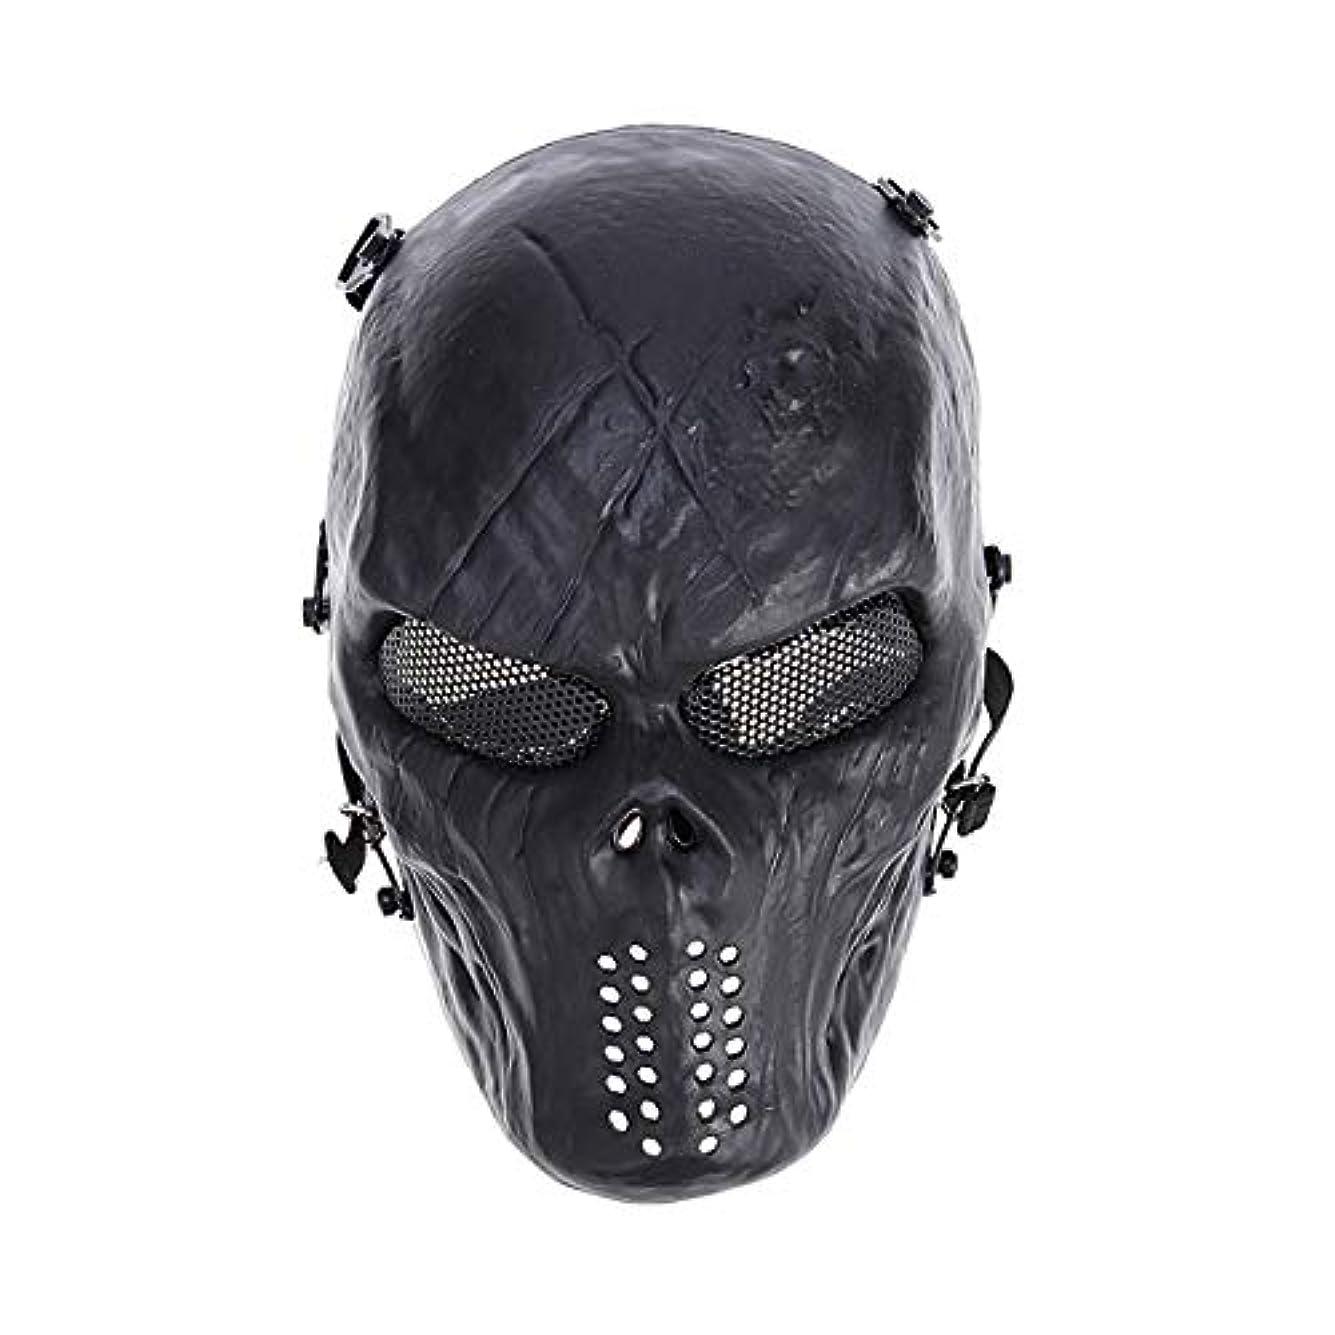 入射マークダウン知らせるVORCOOL CSフィールドマスクハロウィンパーティーコスチュームマスク調整可能な戦術マスク戦闘保護顔耳保護征服マスク(黒)